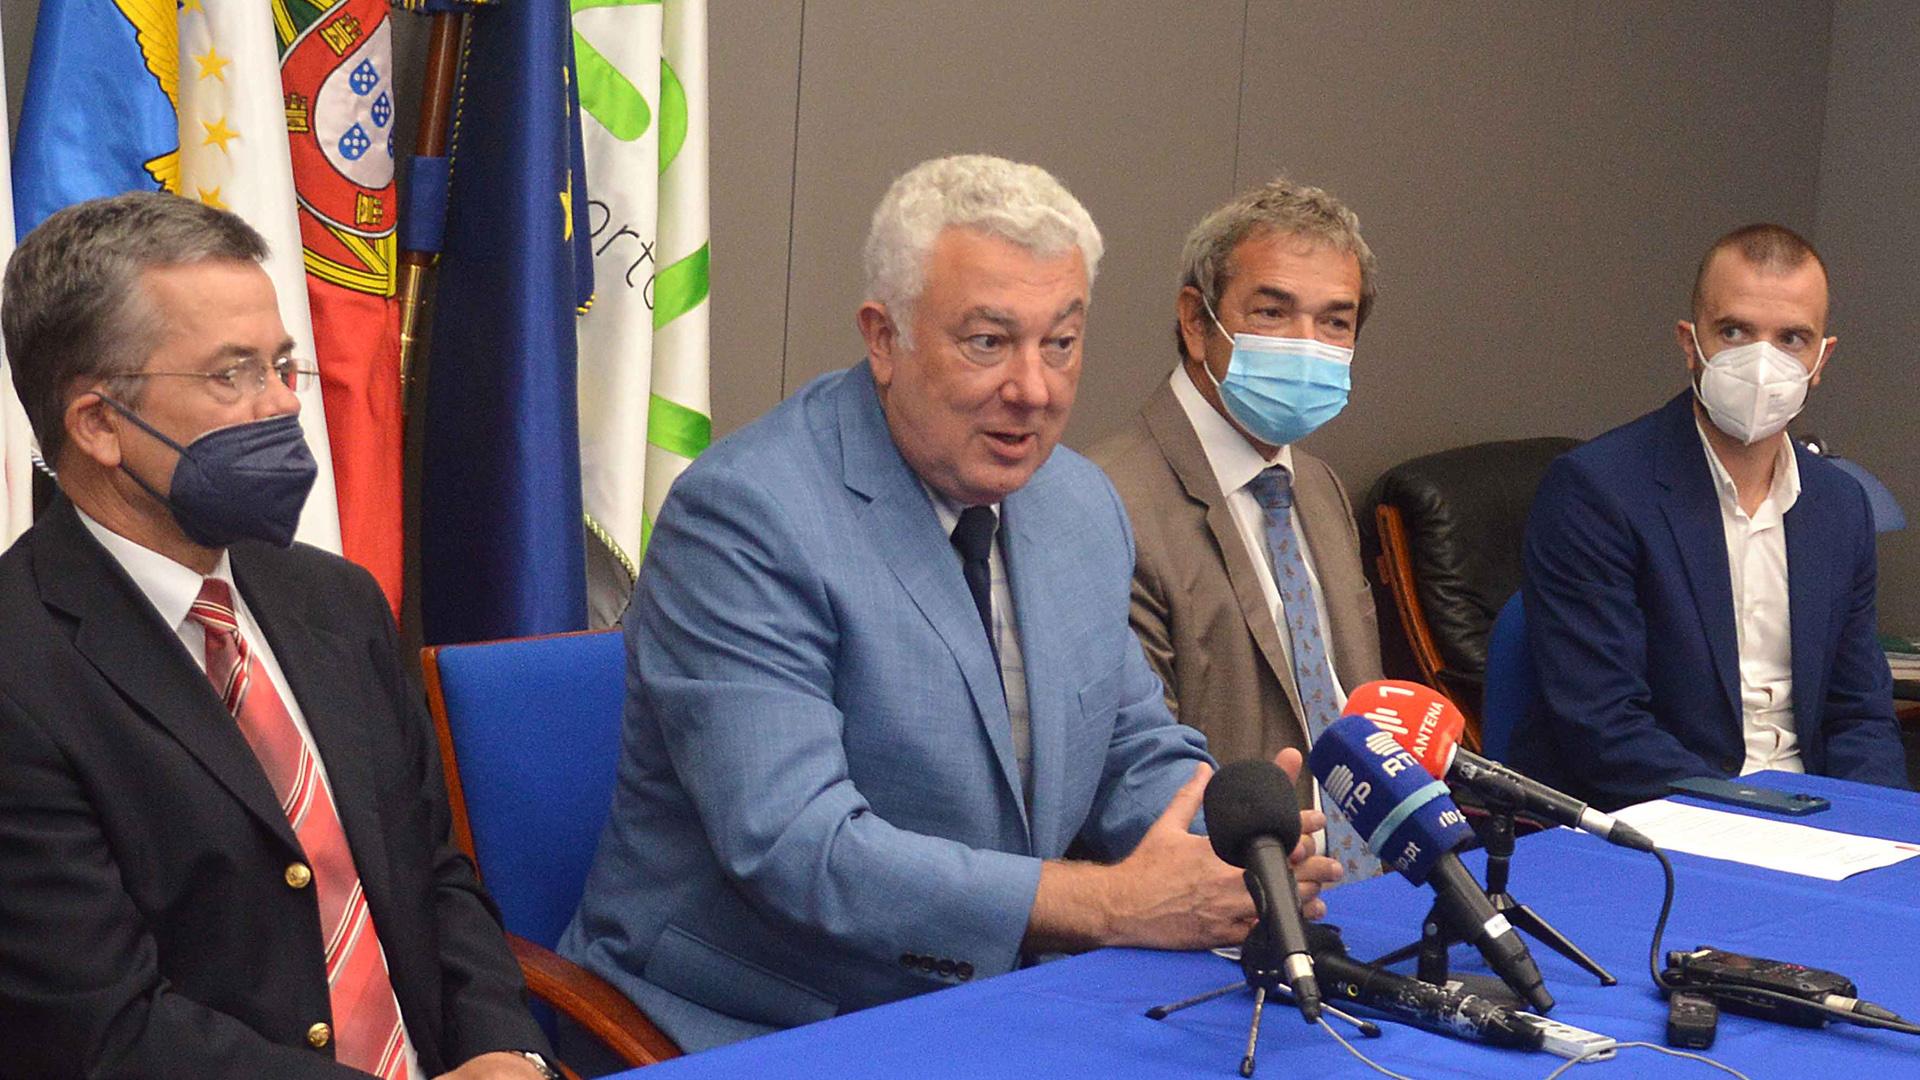 Conferência de imprensa sobre as novas rotas áreas para os Açores.